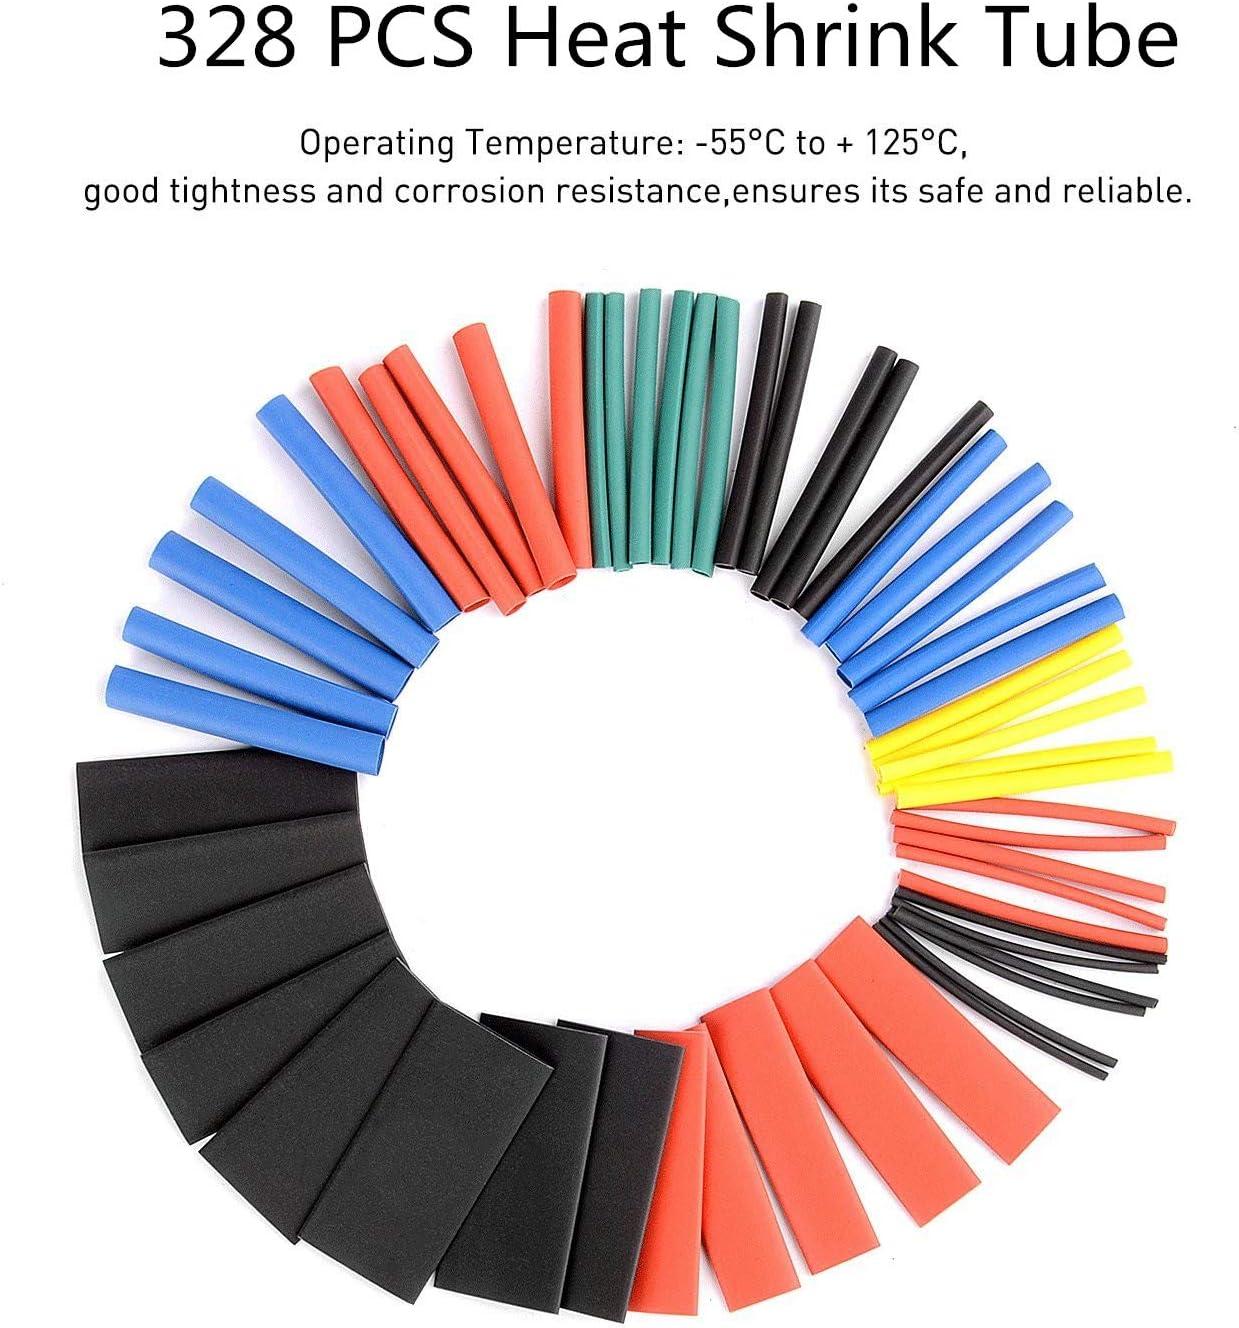 5 puntas de soldador 30 en 1 destornilladores Pancellent 60 W herramienta de soldadura de temperatura ajustable Soldador con mult/ímetro digital 328 piezas de tubos termorretr/áctiles